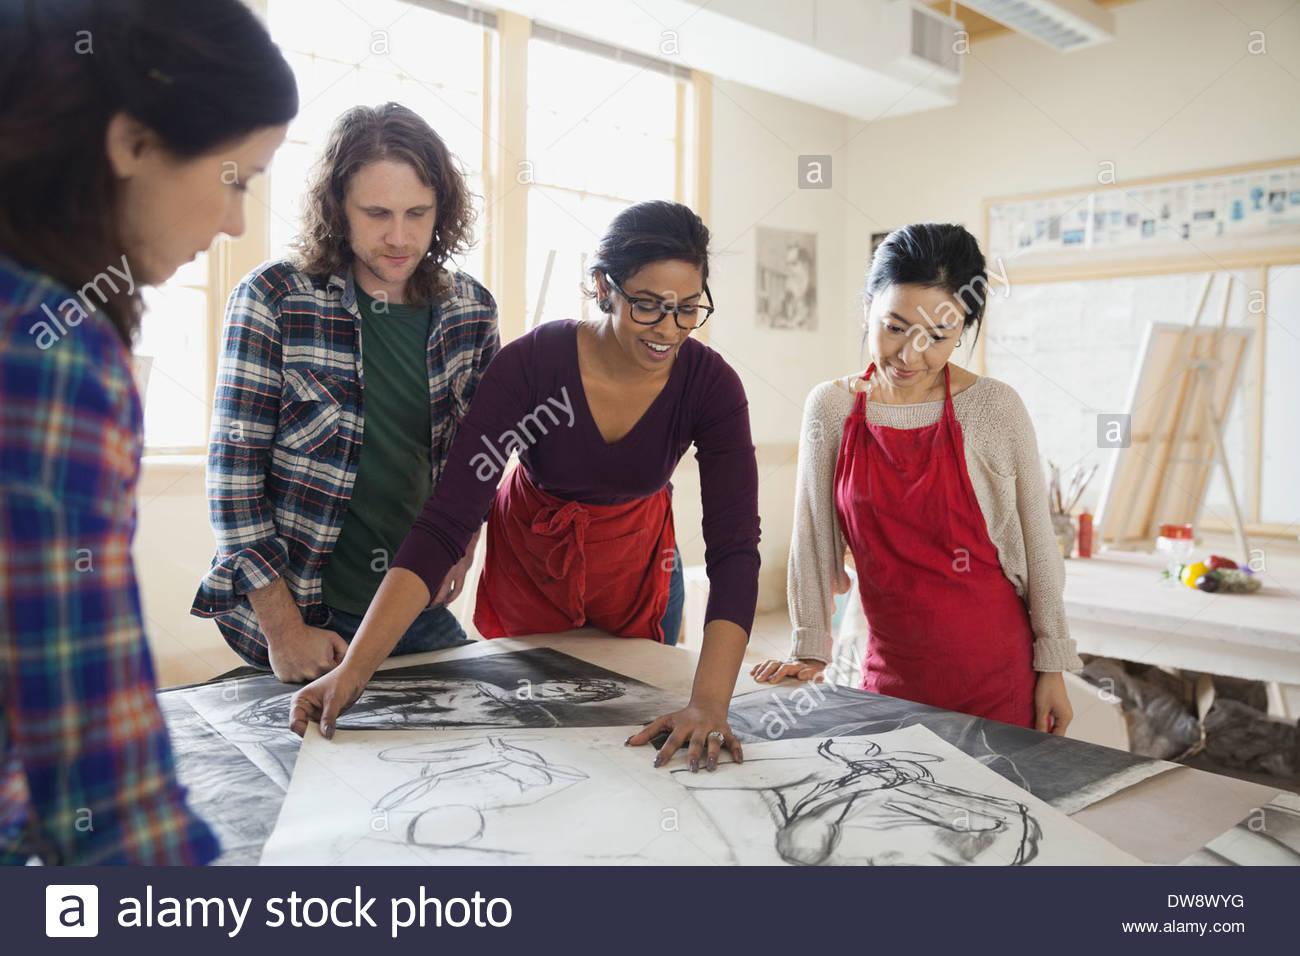 Des dessins au fusain d'élèves dans la classe d'art Photo Stock